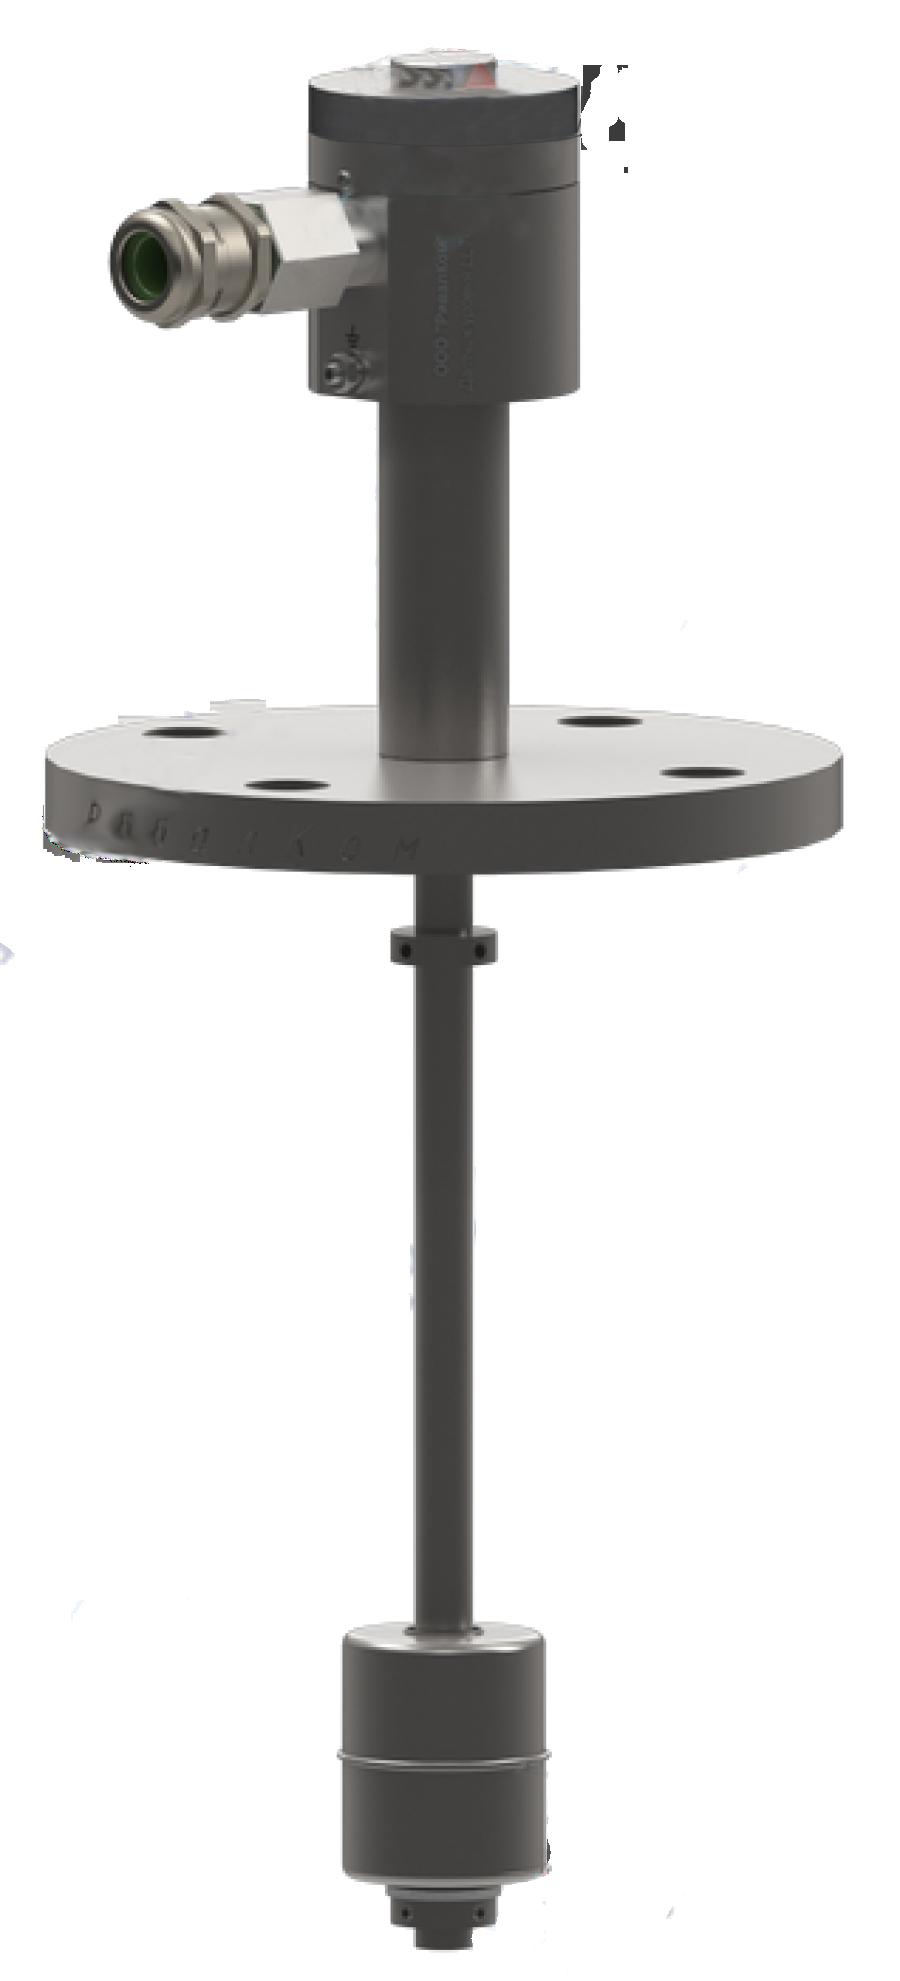 Поплавковый магнитострикционный датчик уровня LLT-MS